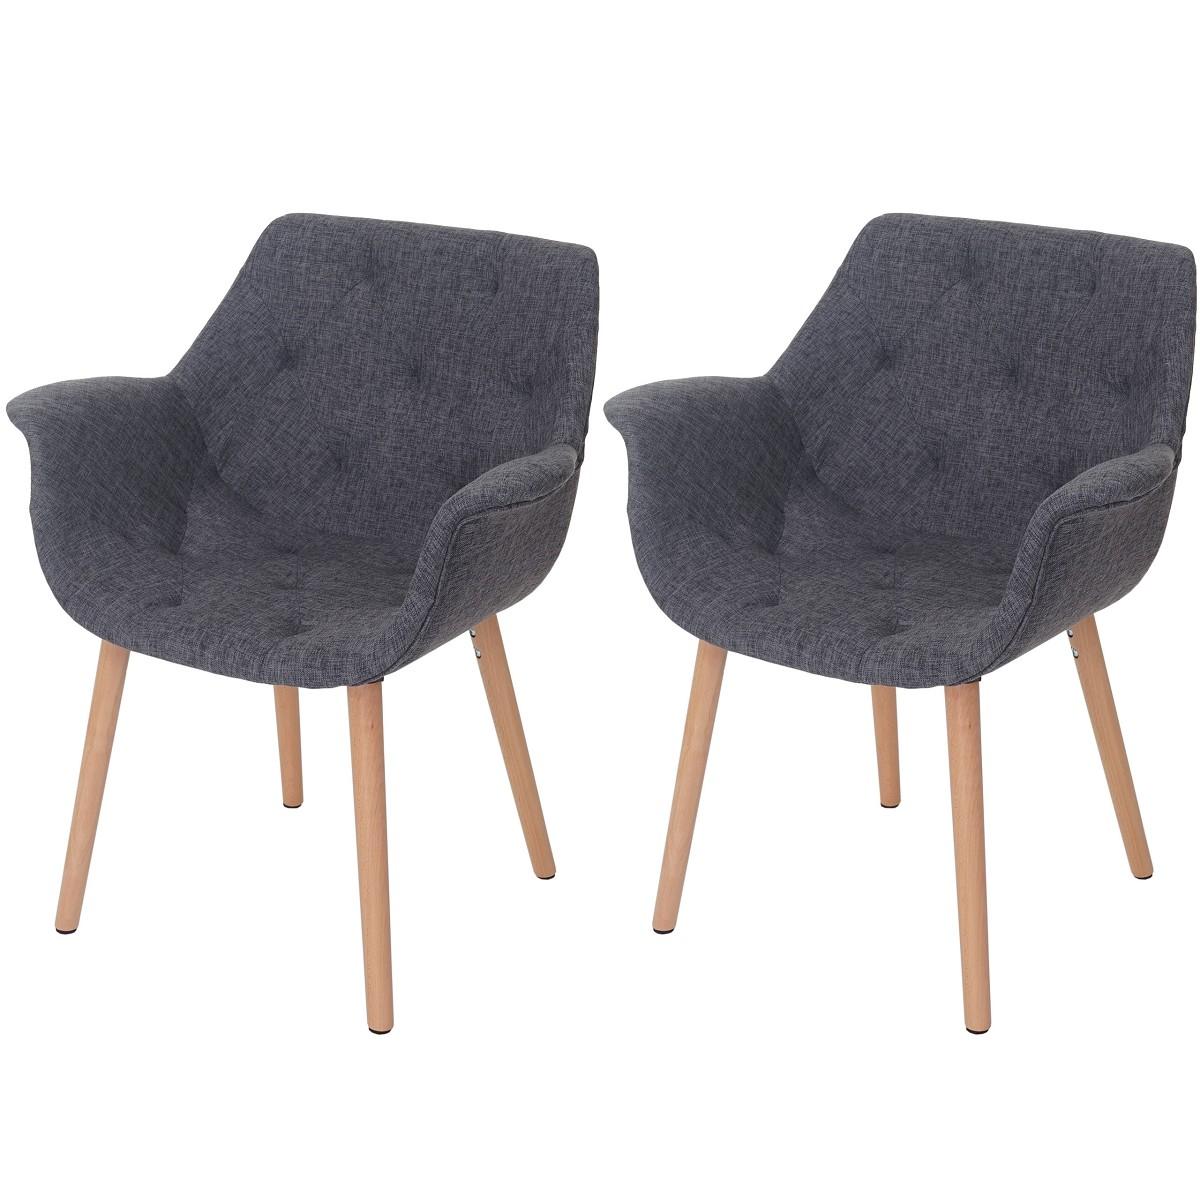 Esszimmer Stuhl Grau | Die schönsten Einrichtungsideen